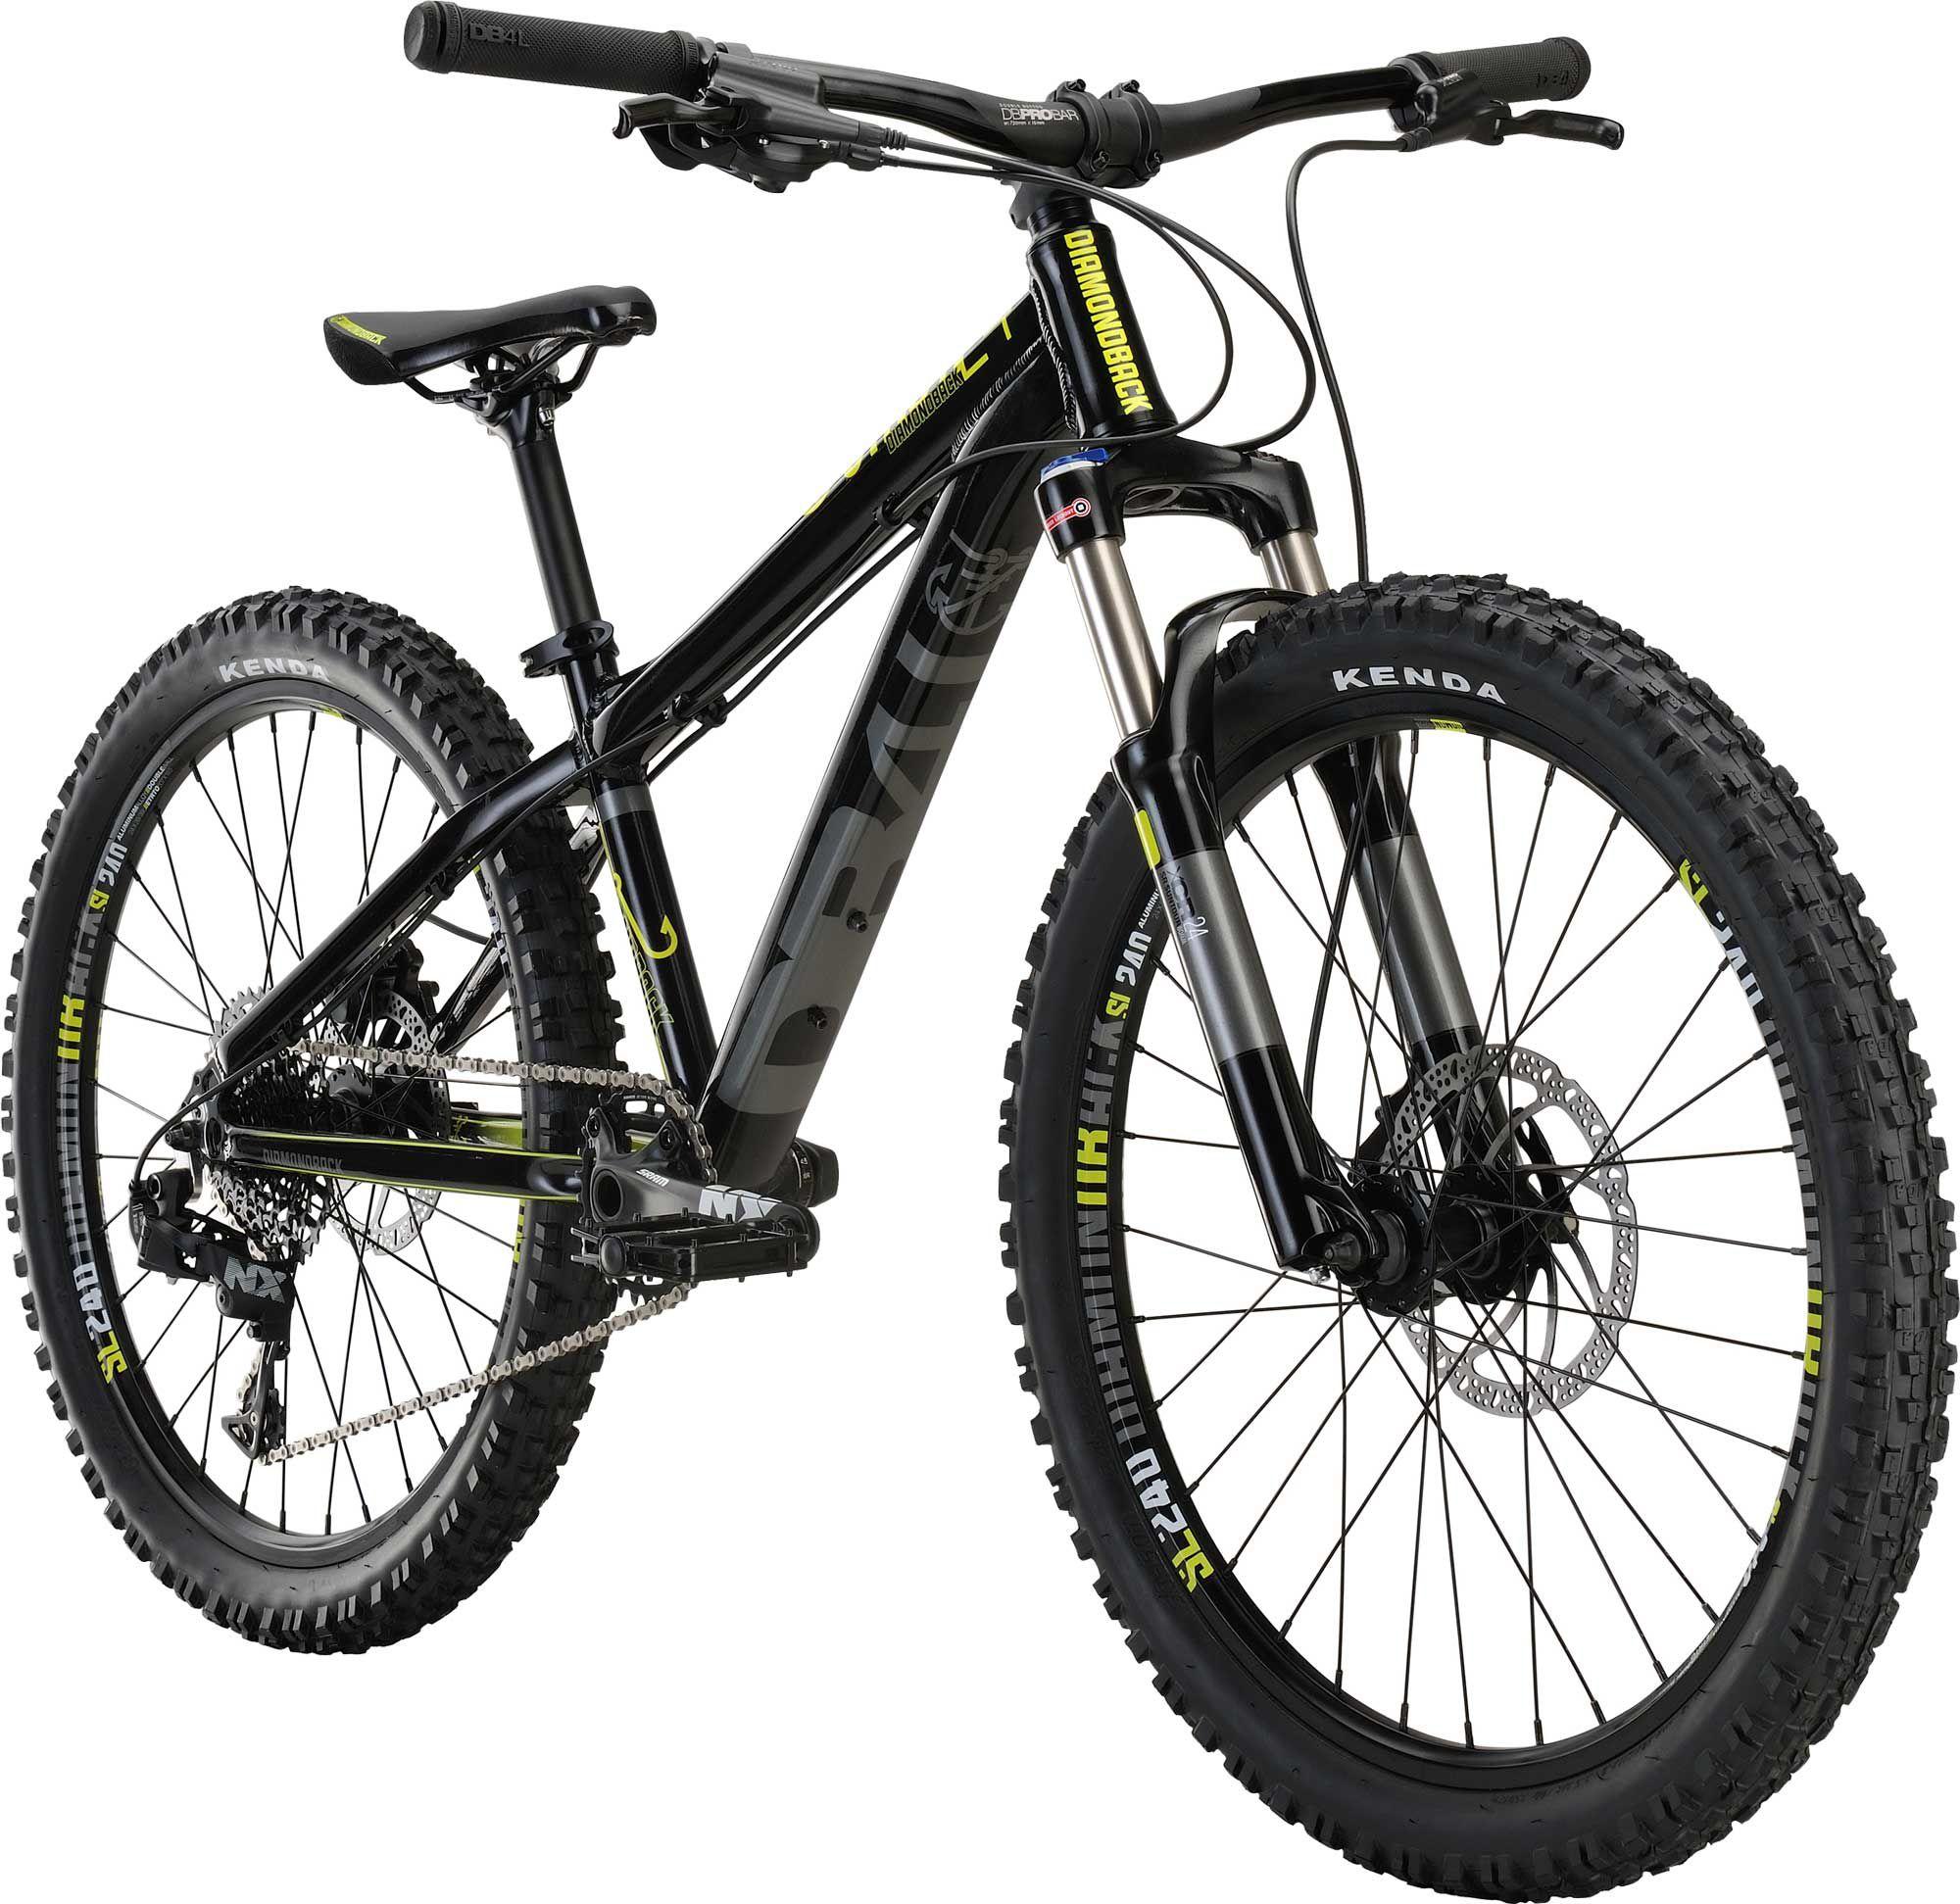 Tolle Mountainbike Malvorlagen Galerie - Malvorlagen Ideen - blogsbr ...